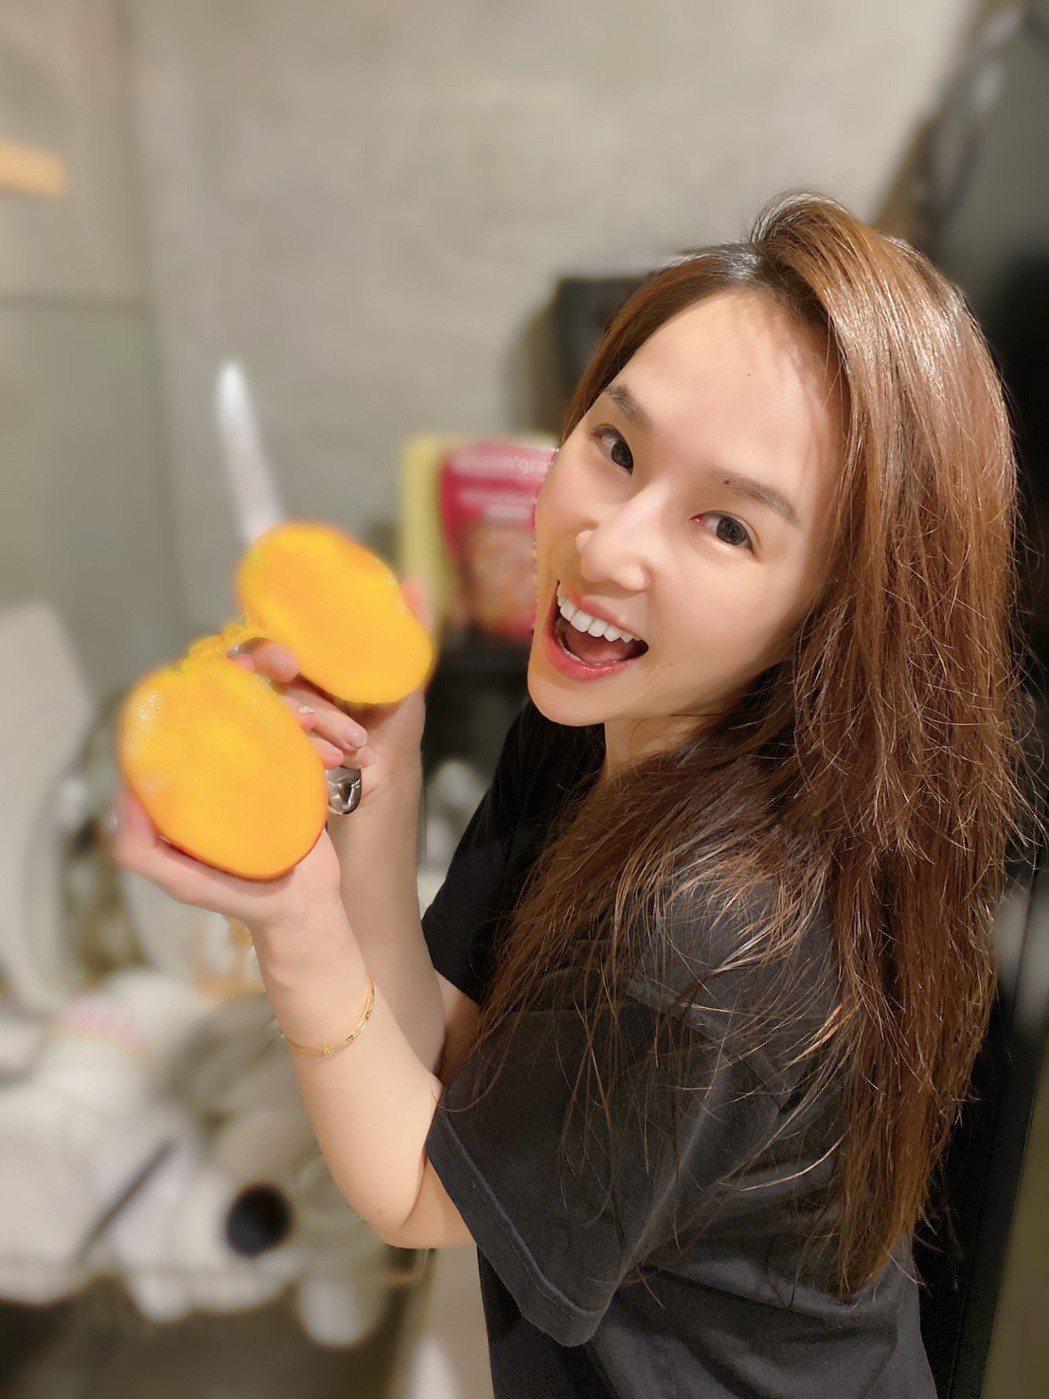 張齡予先帶頭吃芒果。圖/摘自臉書